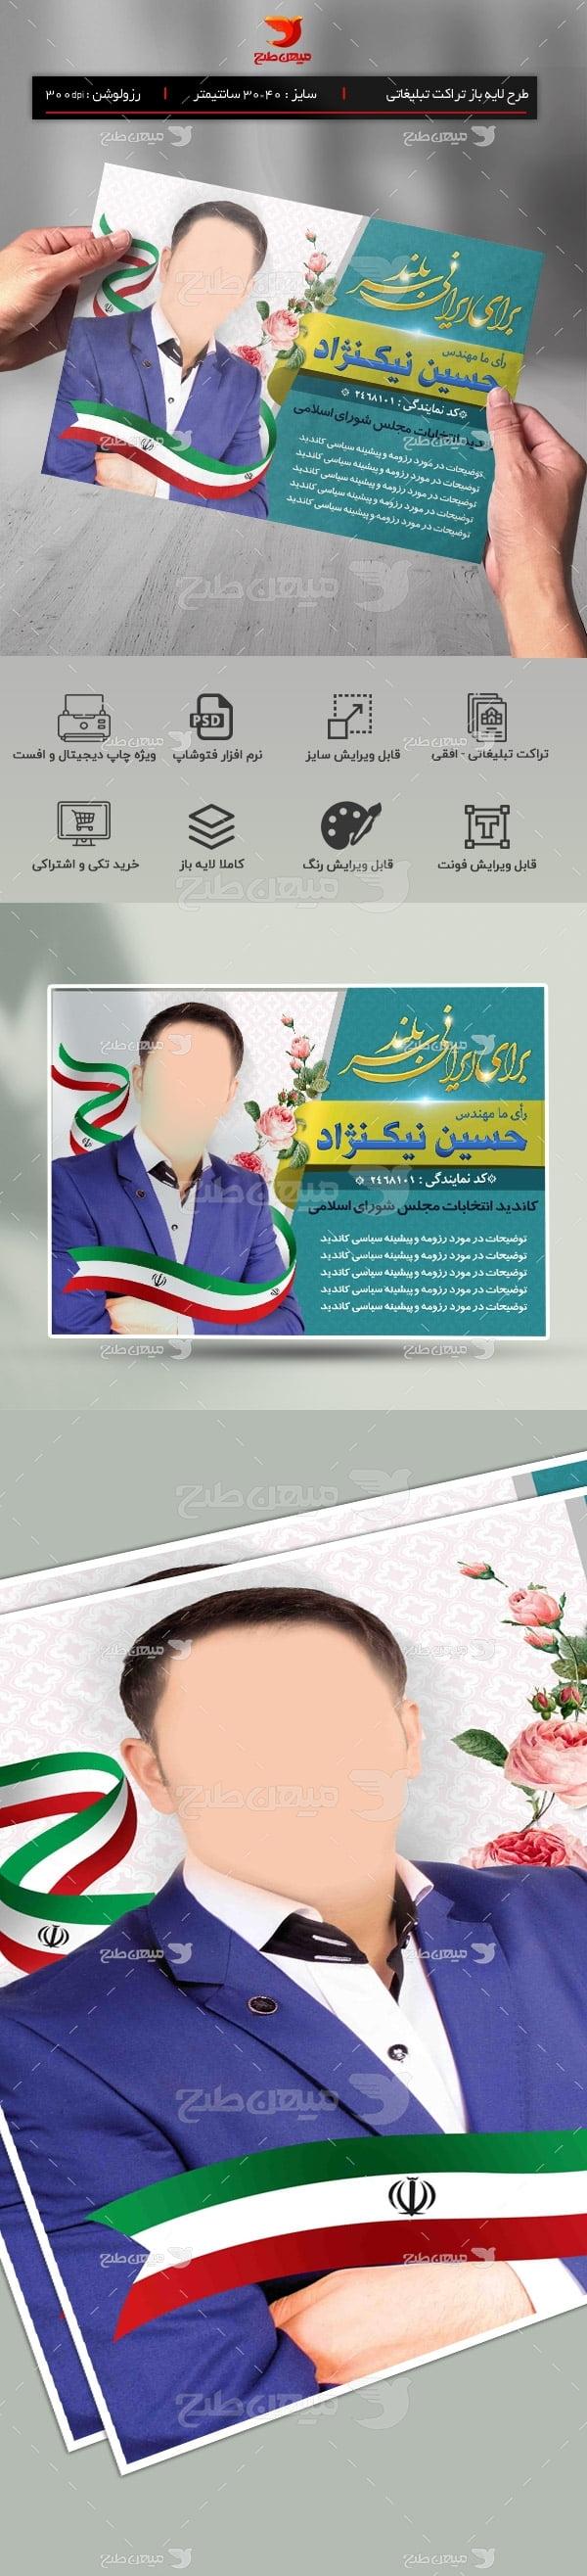 طرح لایه باز پوستر و تراکت تبلیغاتی ویژه انتخابات مجلس